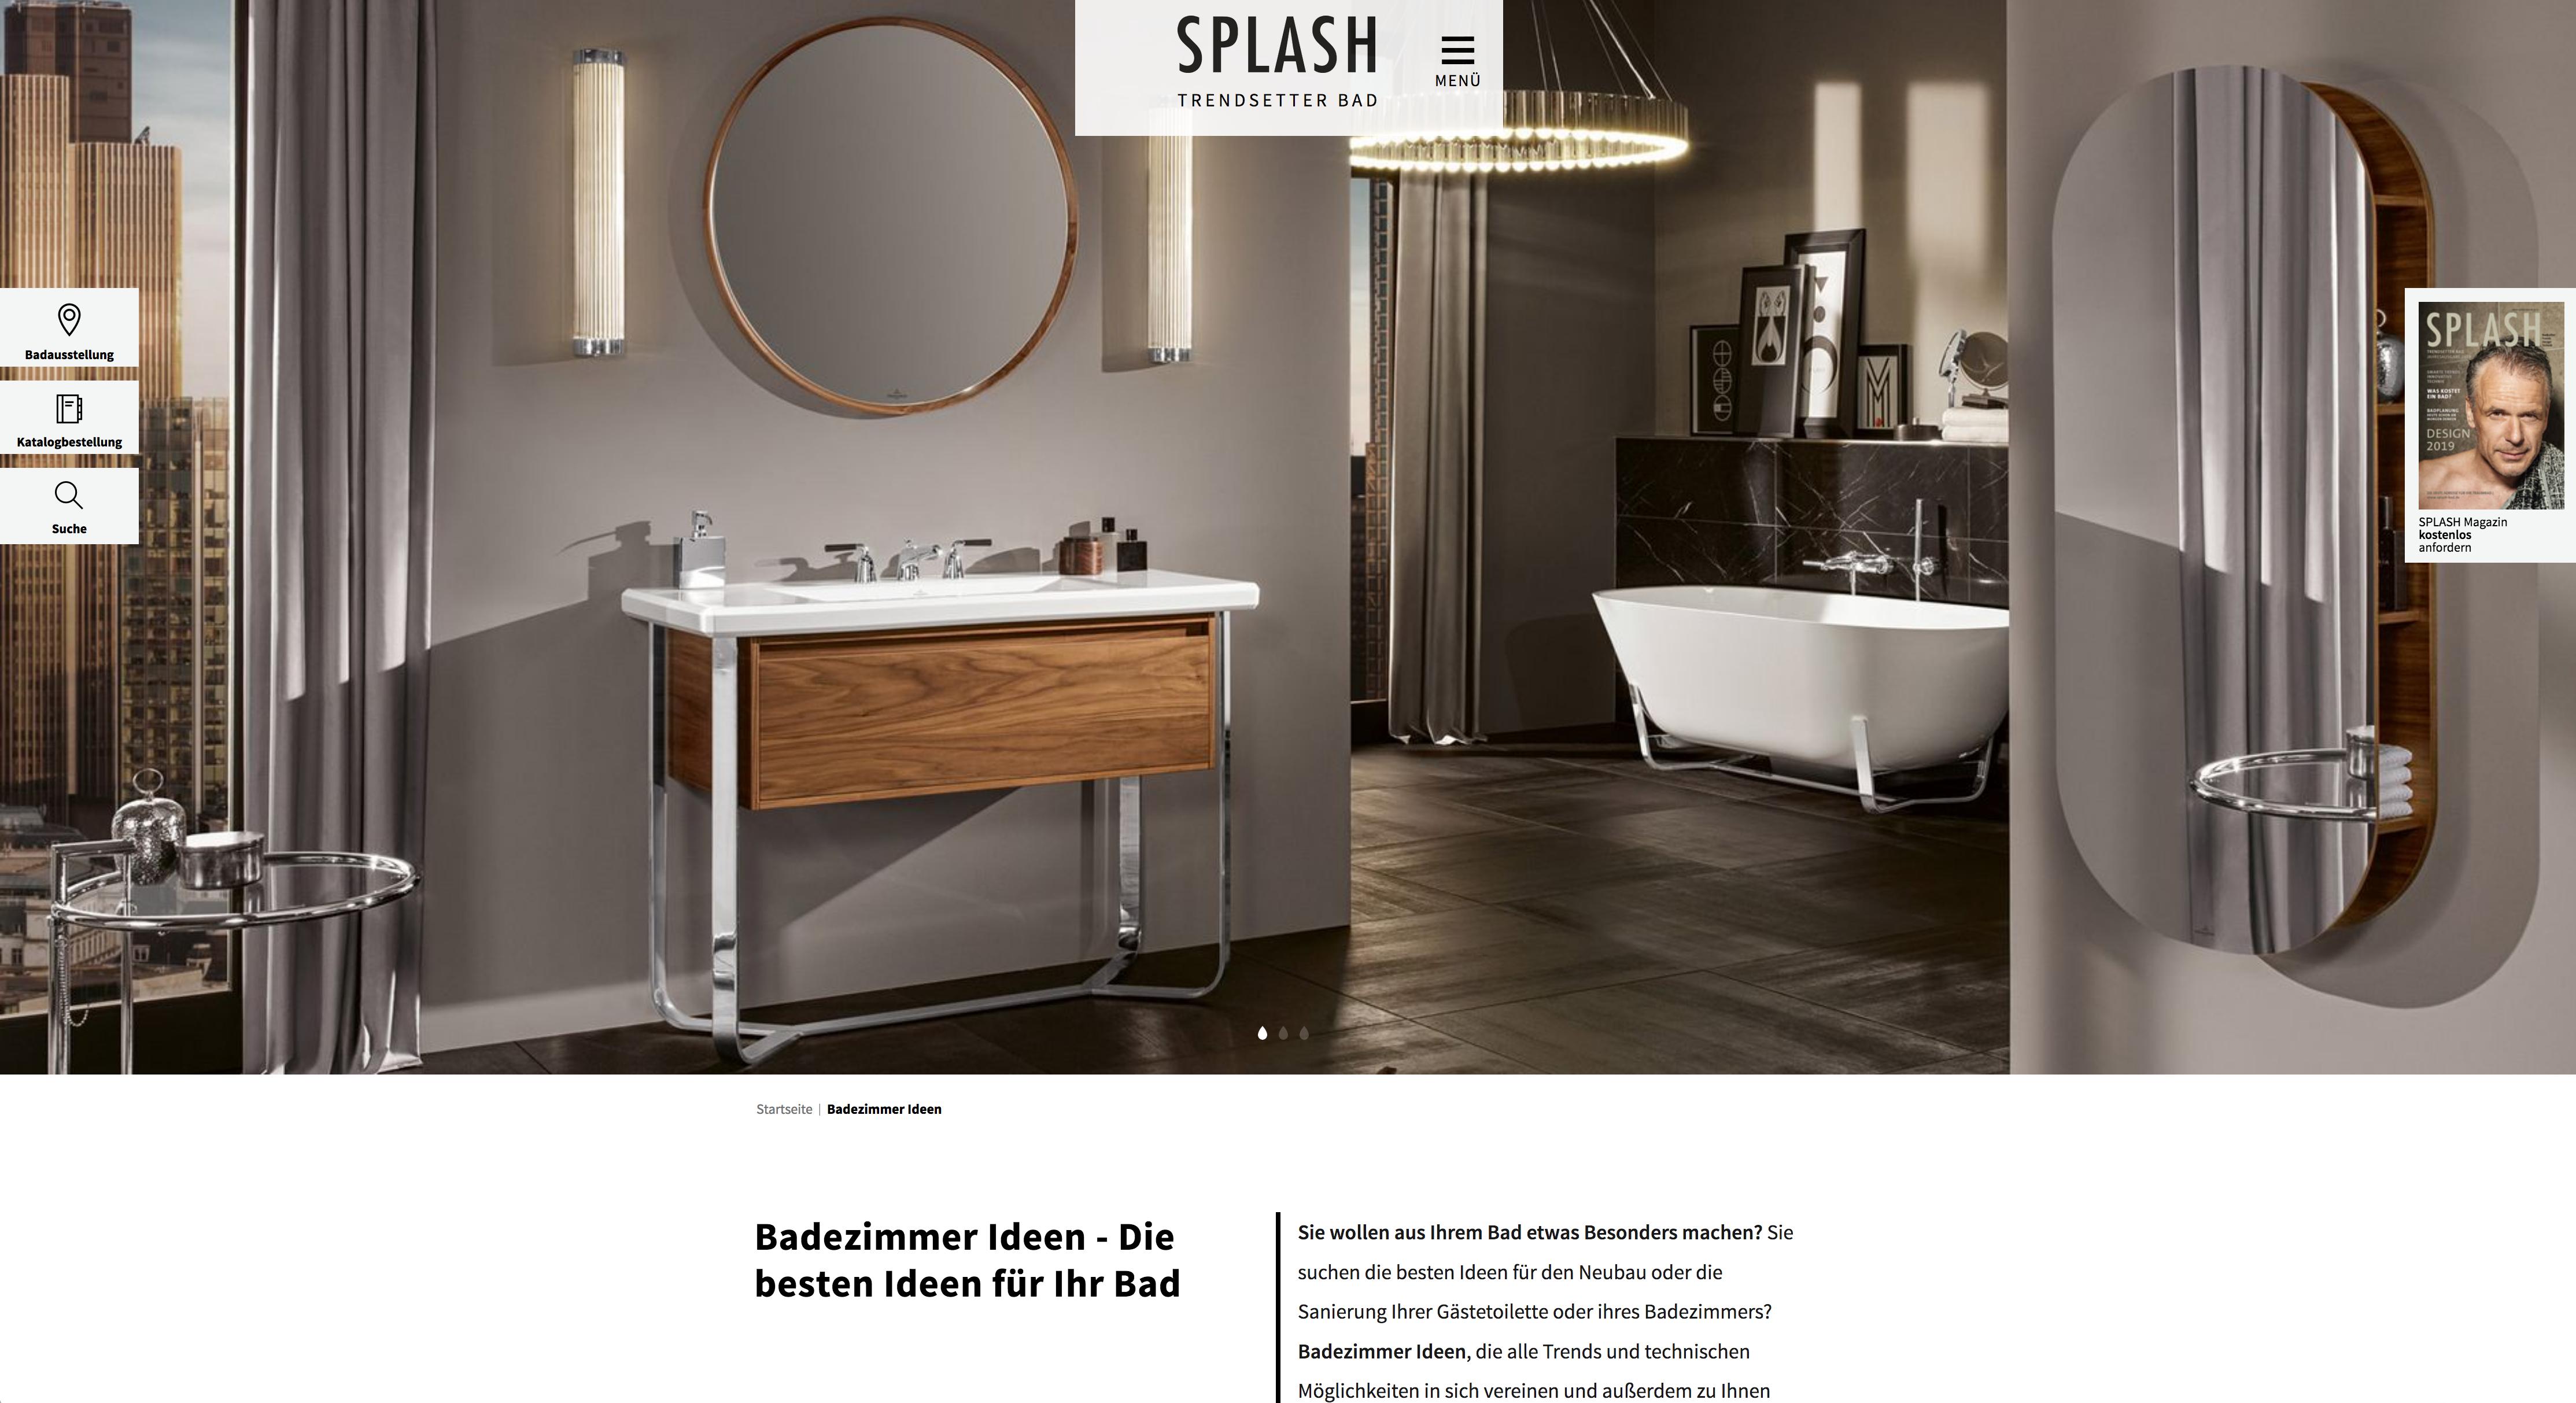 NEU: SPLASH Bad - der Trendsetter fürs Badezimmer im neuen Look ...